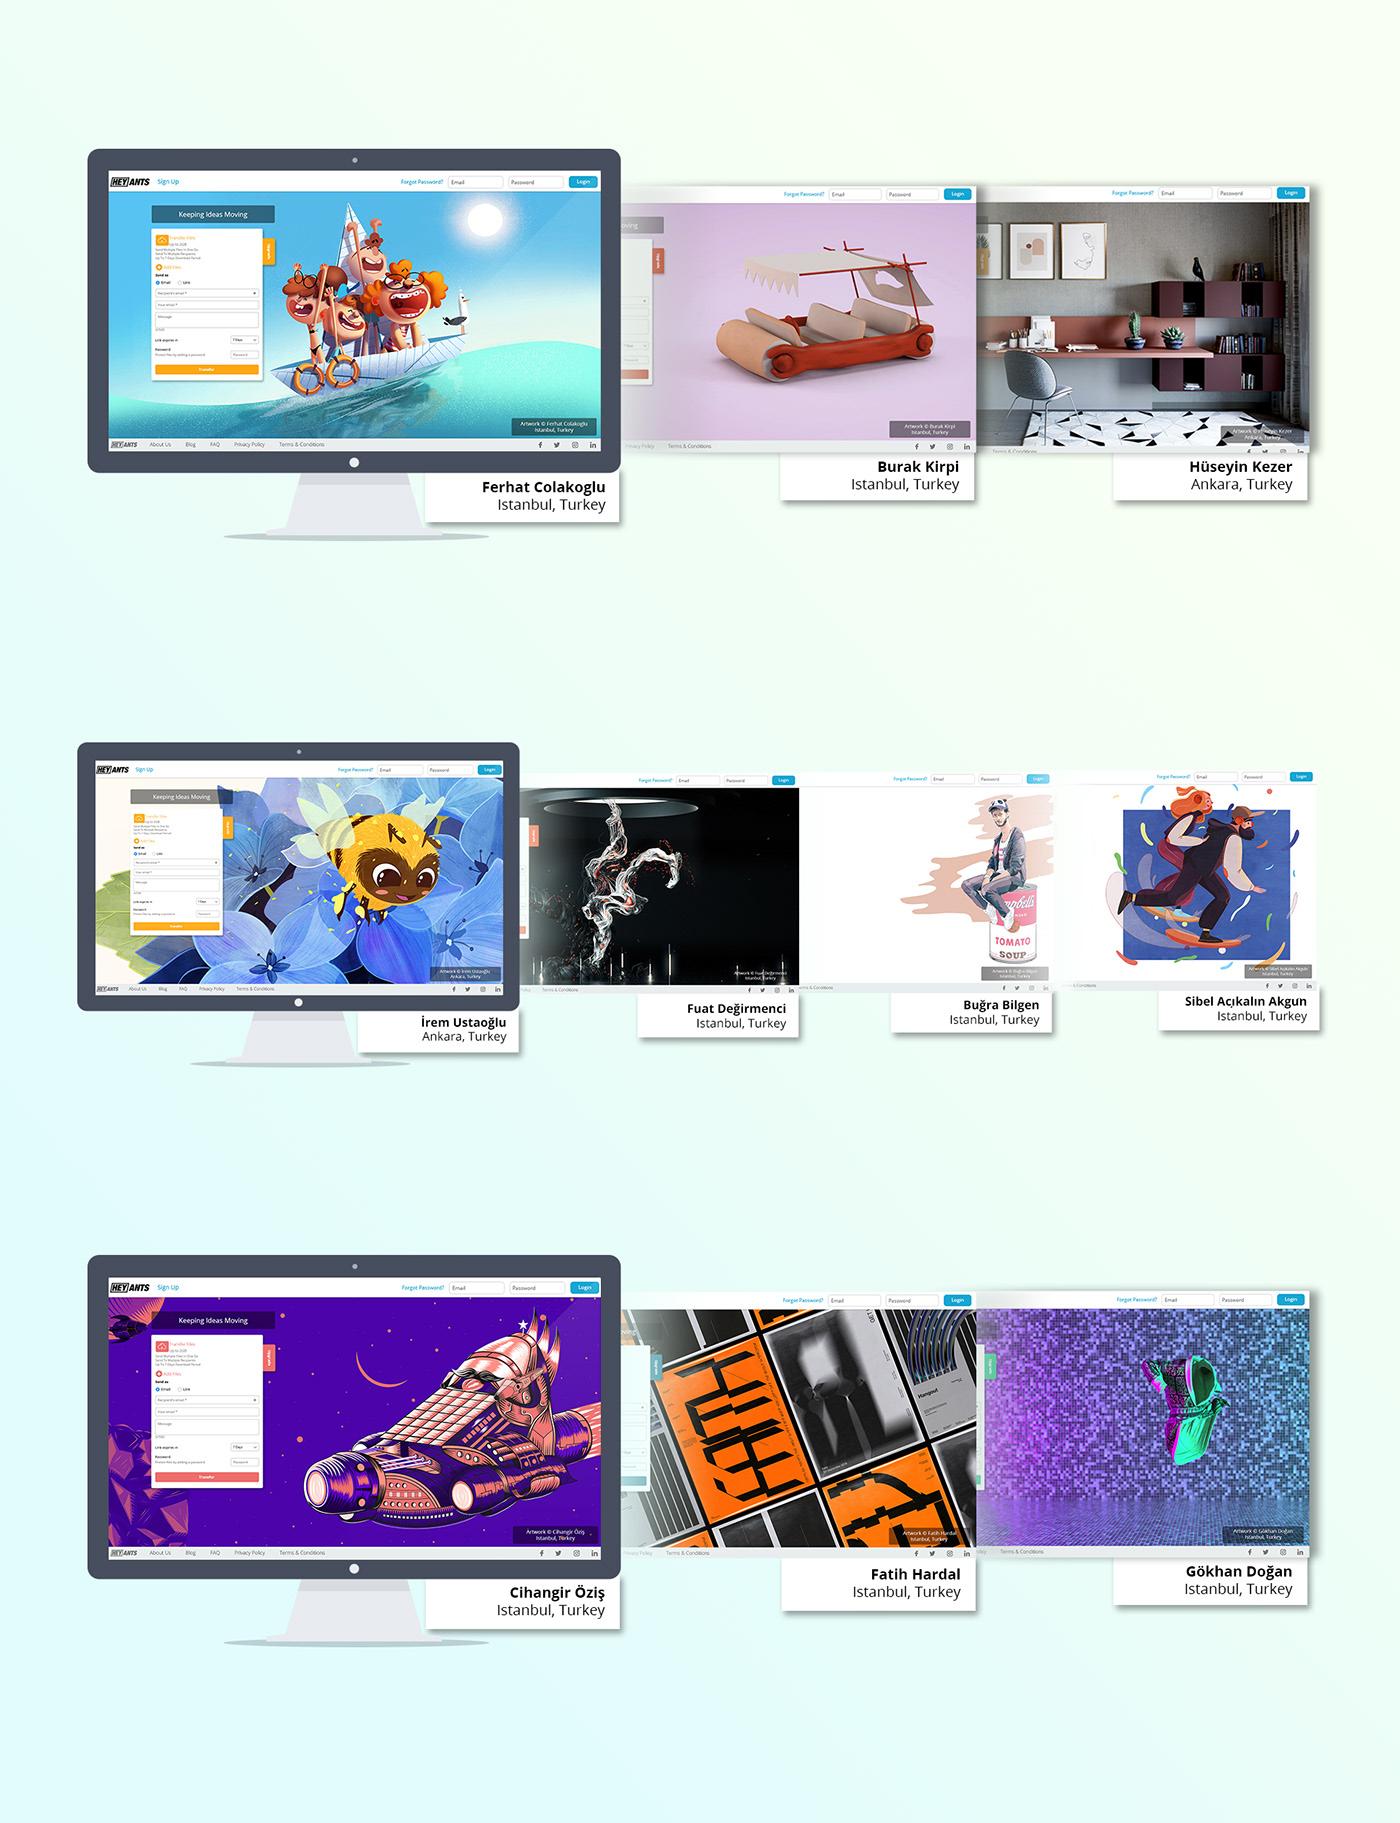 Turkey turkish artists design Illustrator graphic design  architecture photoshop